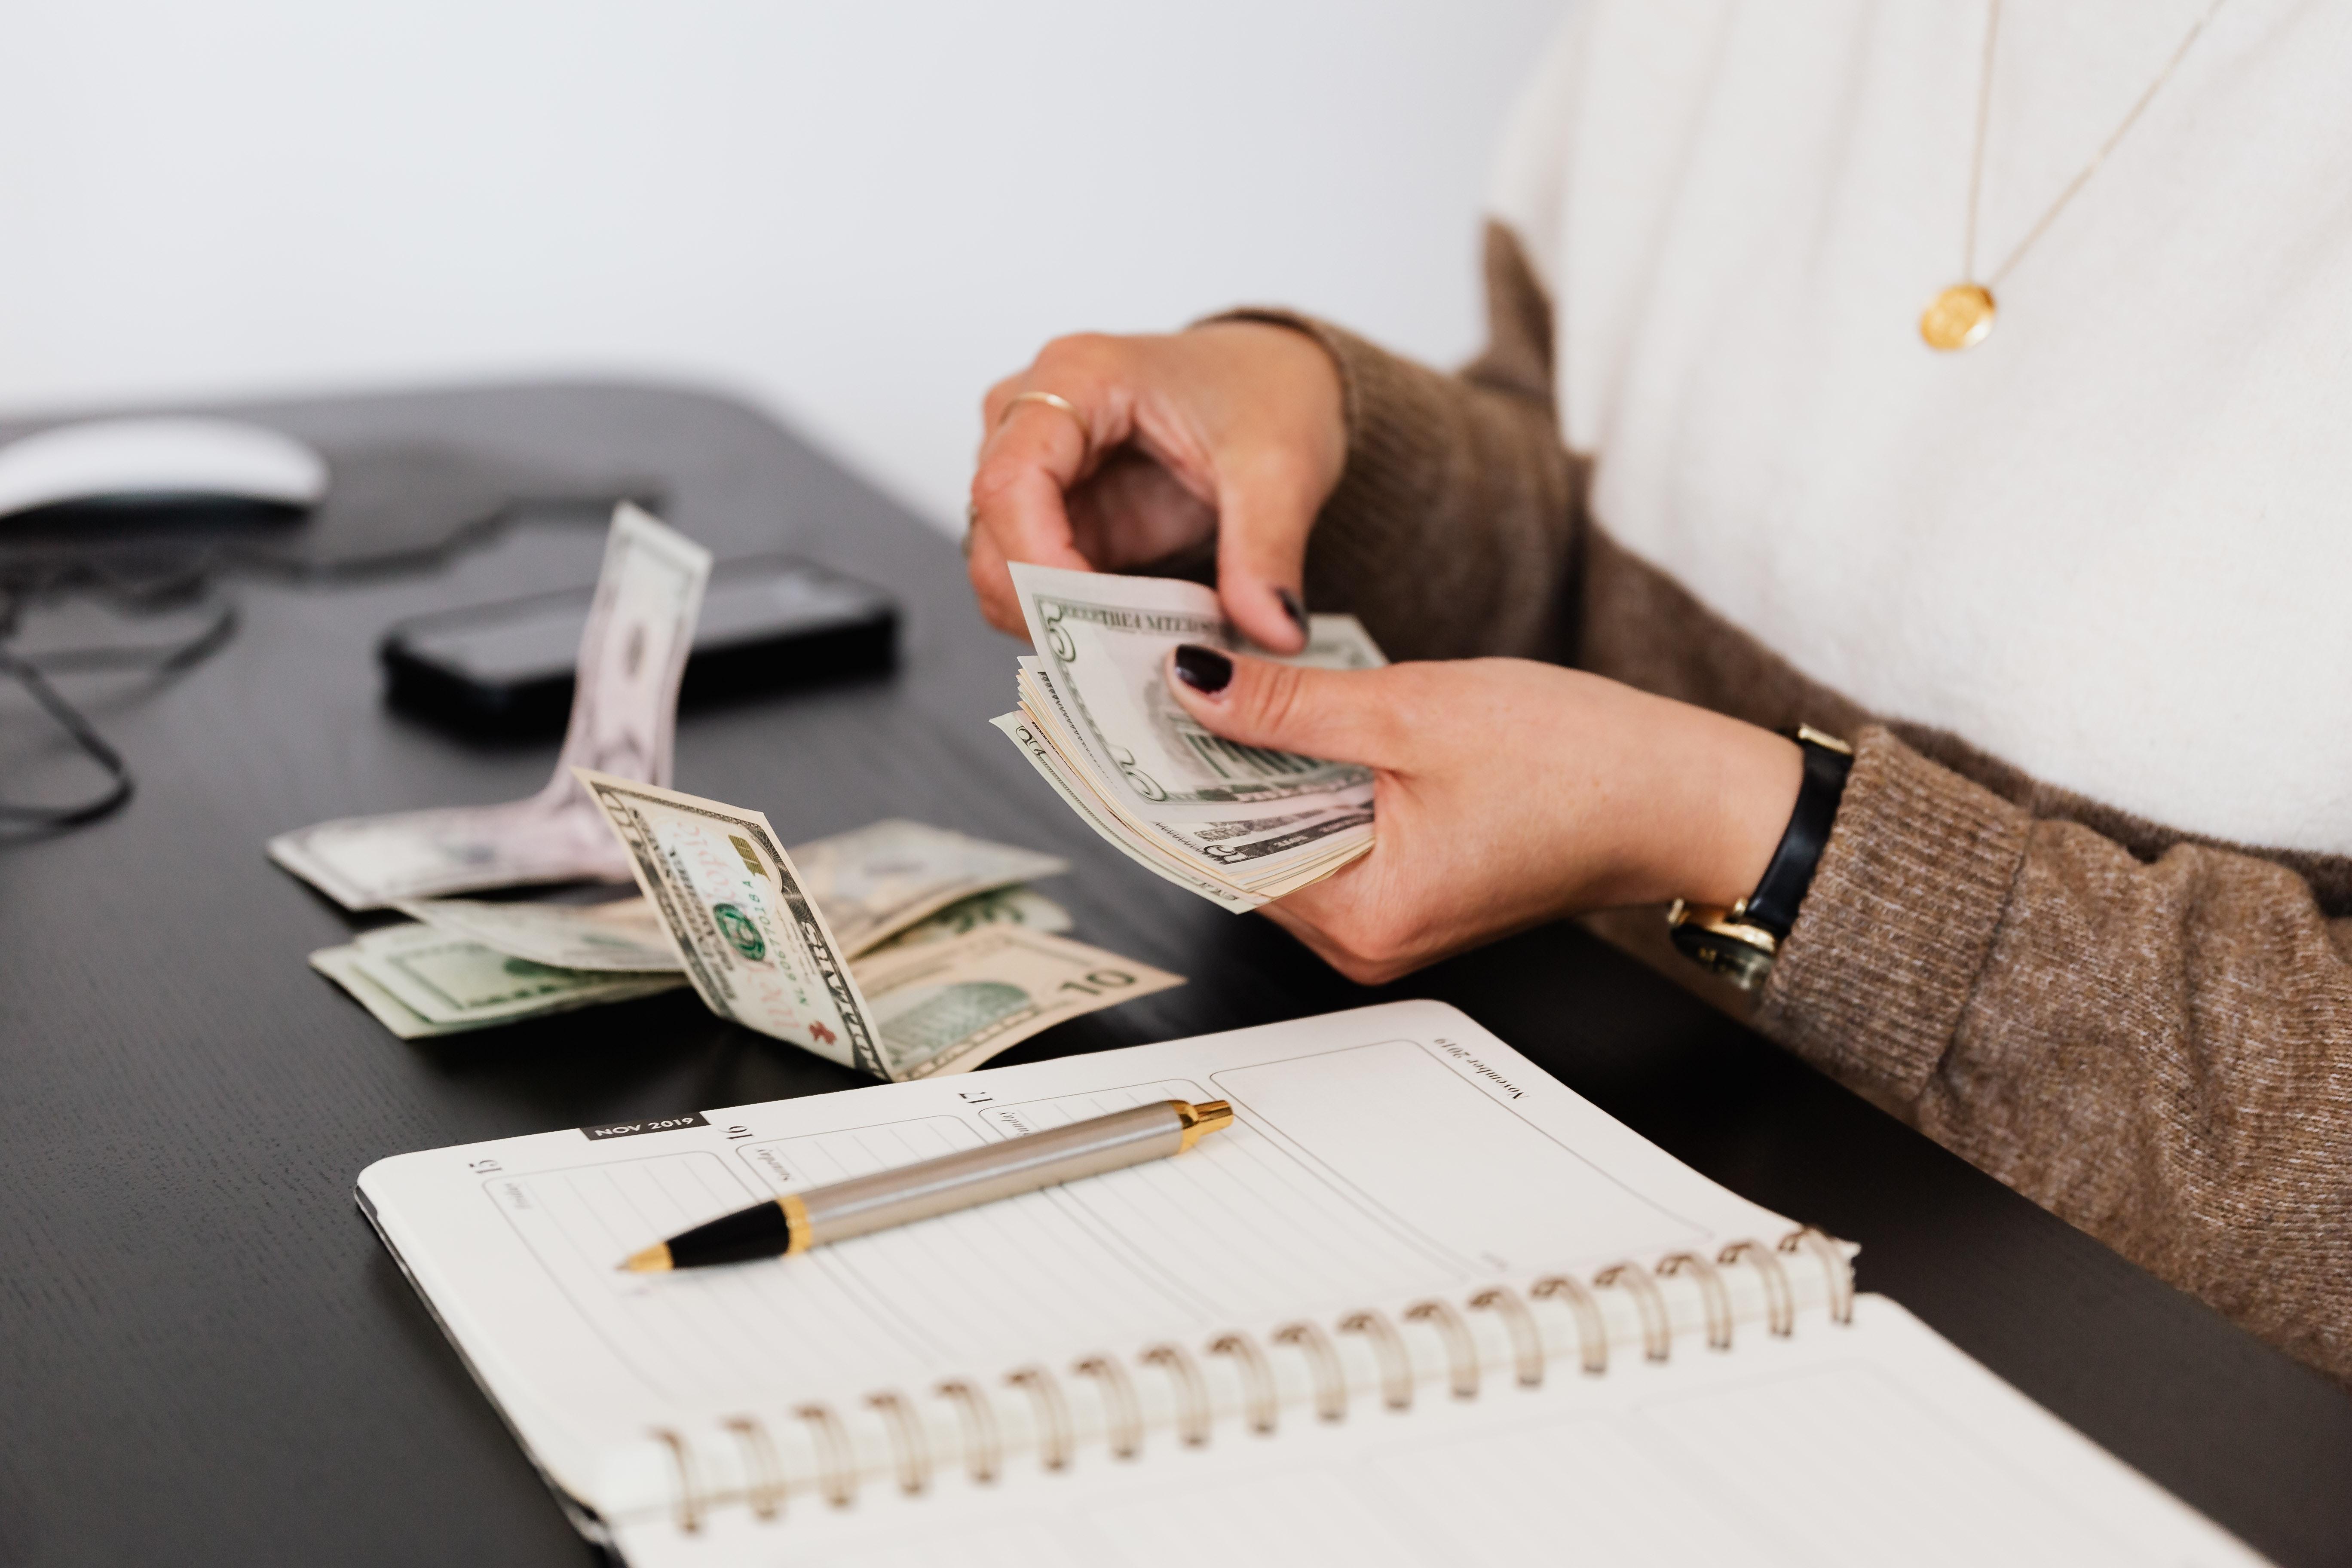 Persona contando dinero y tomando notas. (Cortesía de Pexels)